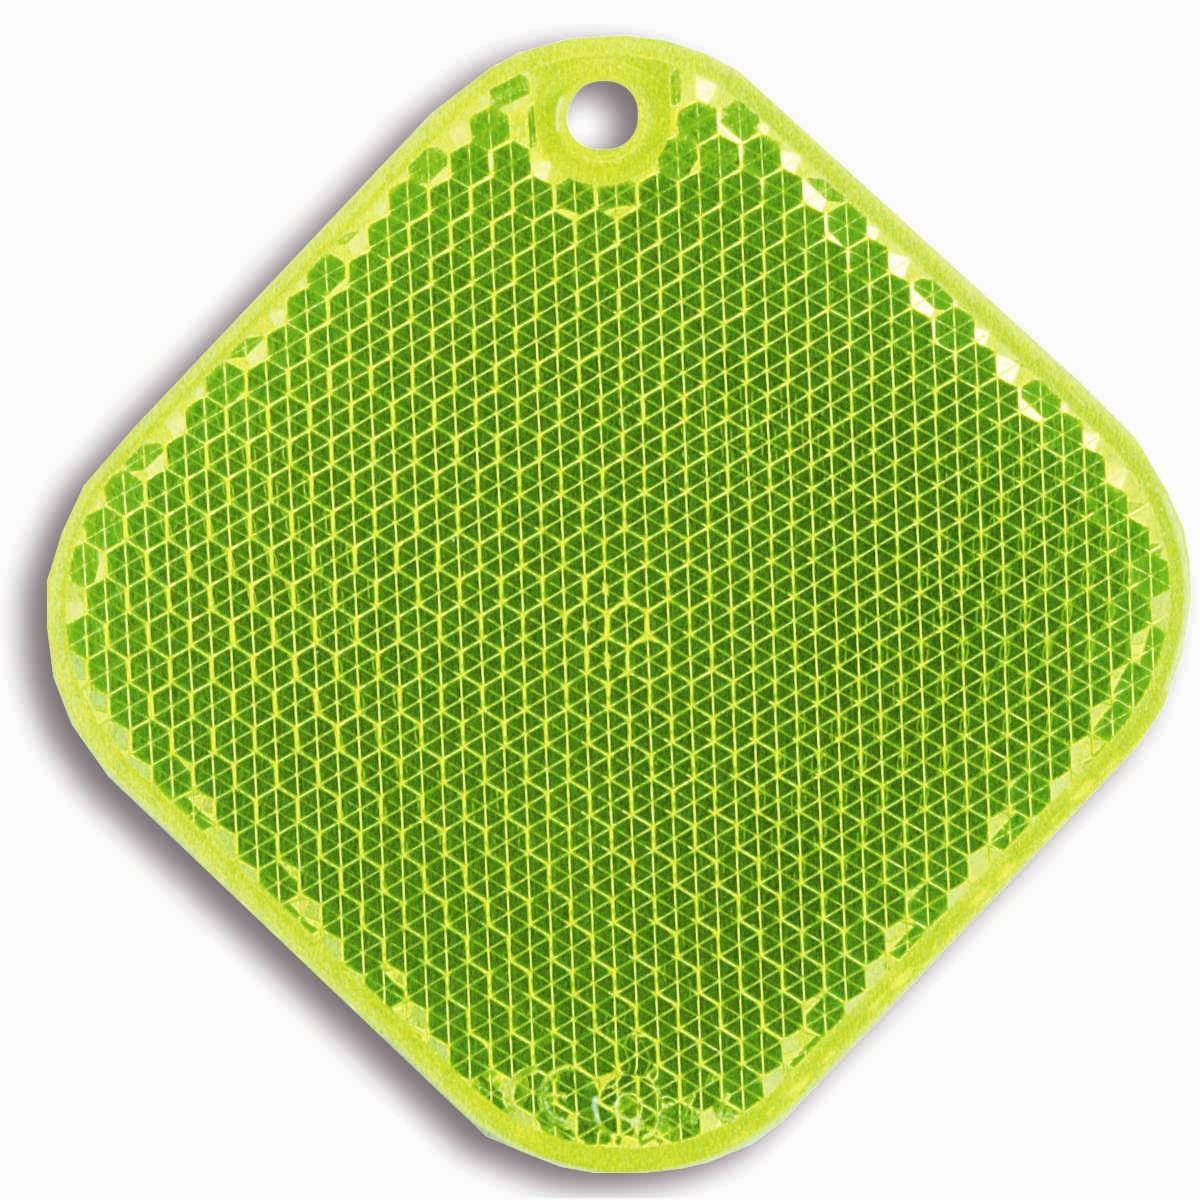 Световозвращатель пешеходный Coreflect Ромб, цвет: желтый118704Пешеходный светоотражатель — это серьезное средство безопасности на дороге. Использование светоотражателей позволяет в десятки раз сократить количество ДТП с участием пешеходов в темное время суток. Светоотражатель крепится на одежду и обладает способностью к направленному отражению светового потока. Благодаря такому отражению, водитель может вовремя заметить пешехода в темноте, даже если он стоит или двигается по обочине. А значит, он успеет среагировать и избежит возможного столкновения.